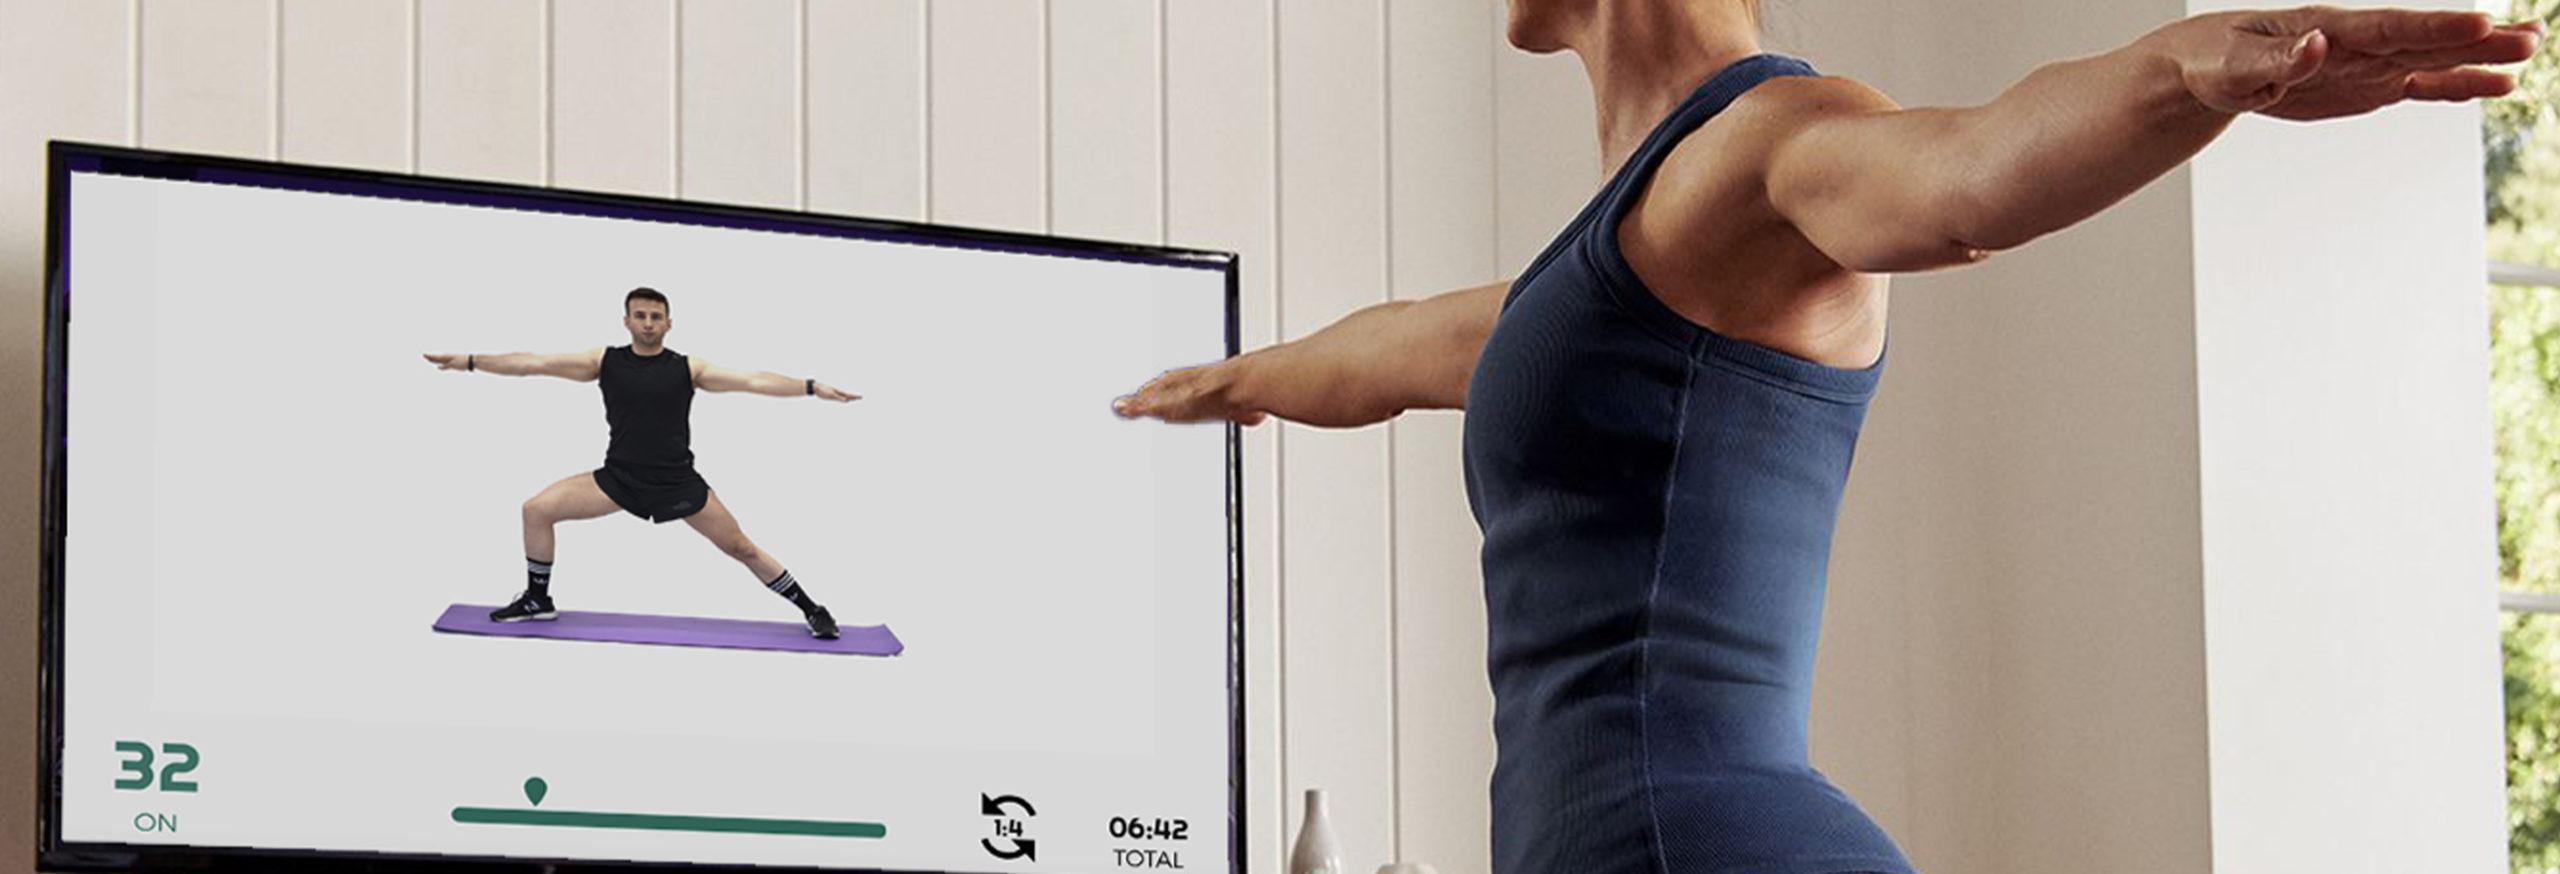 plataforma de entrenamiento online